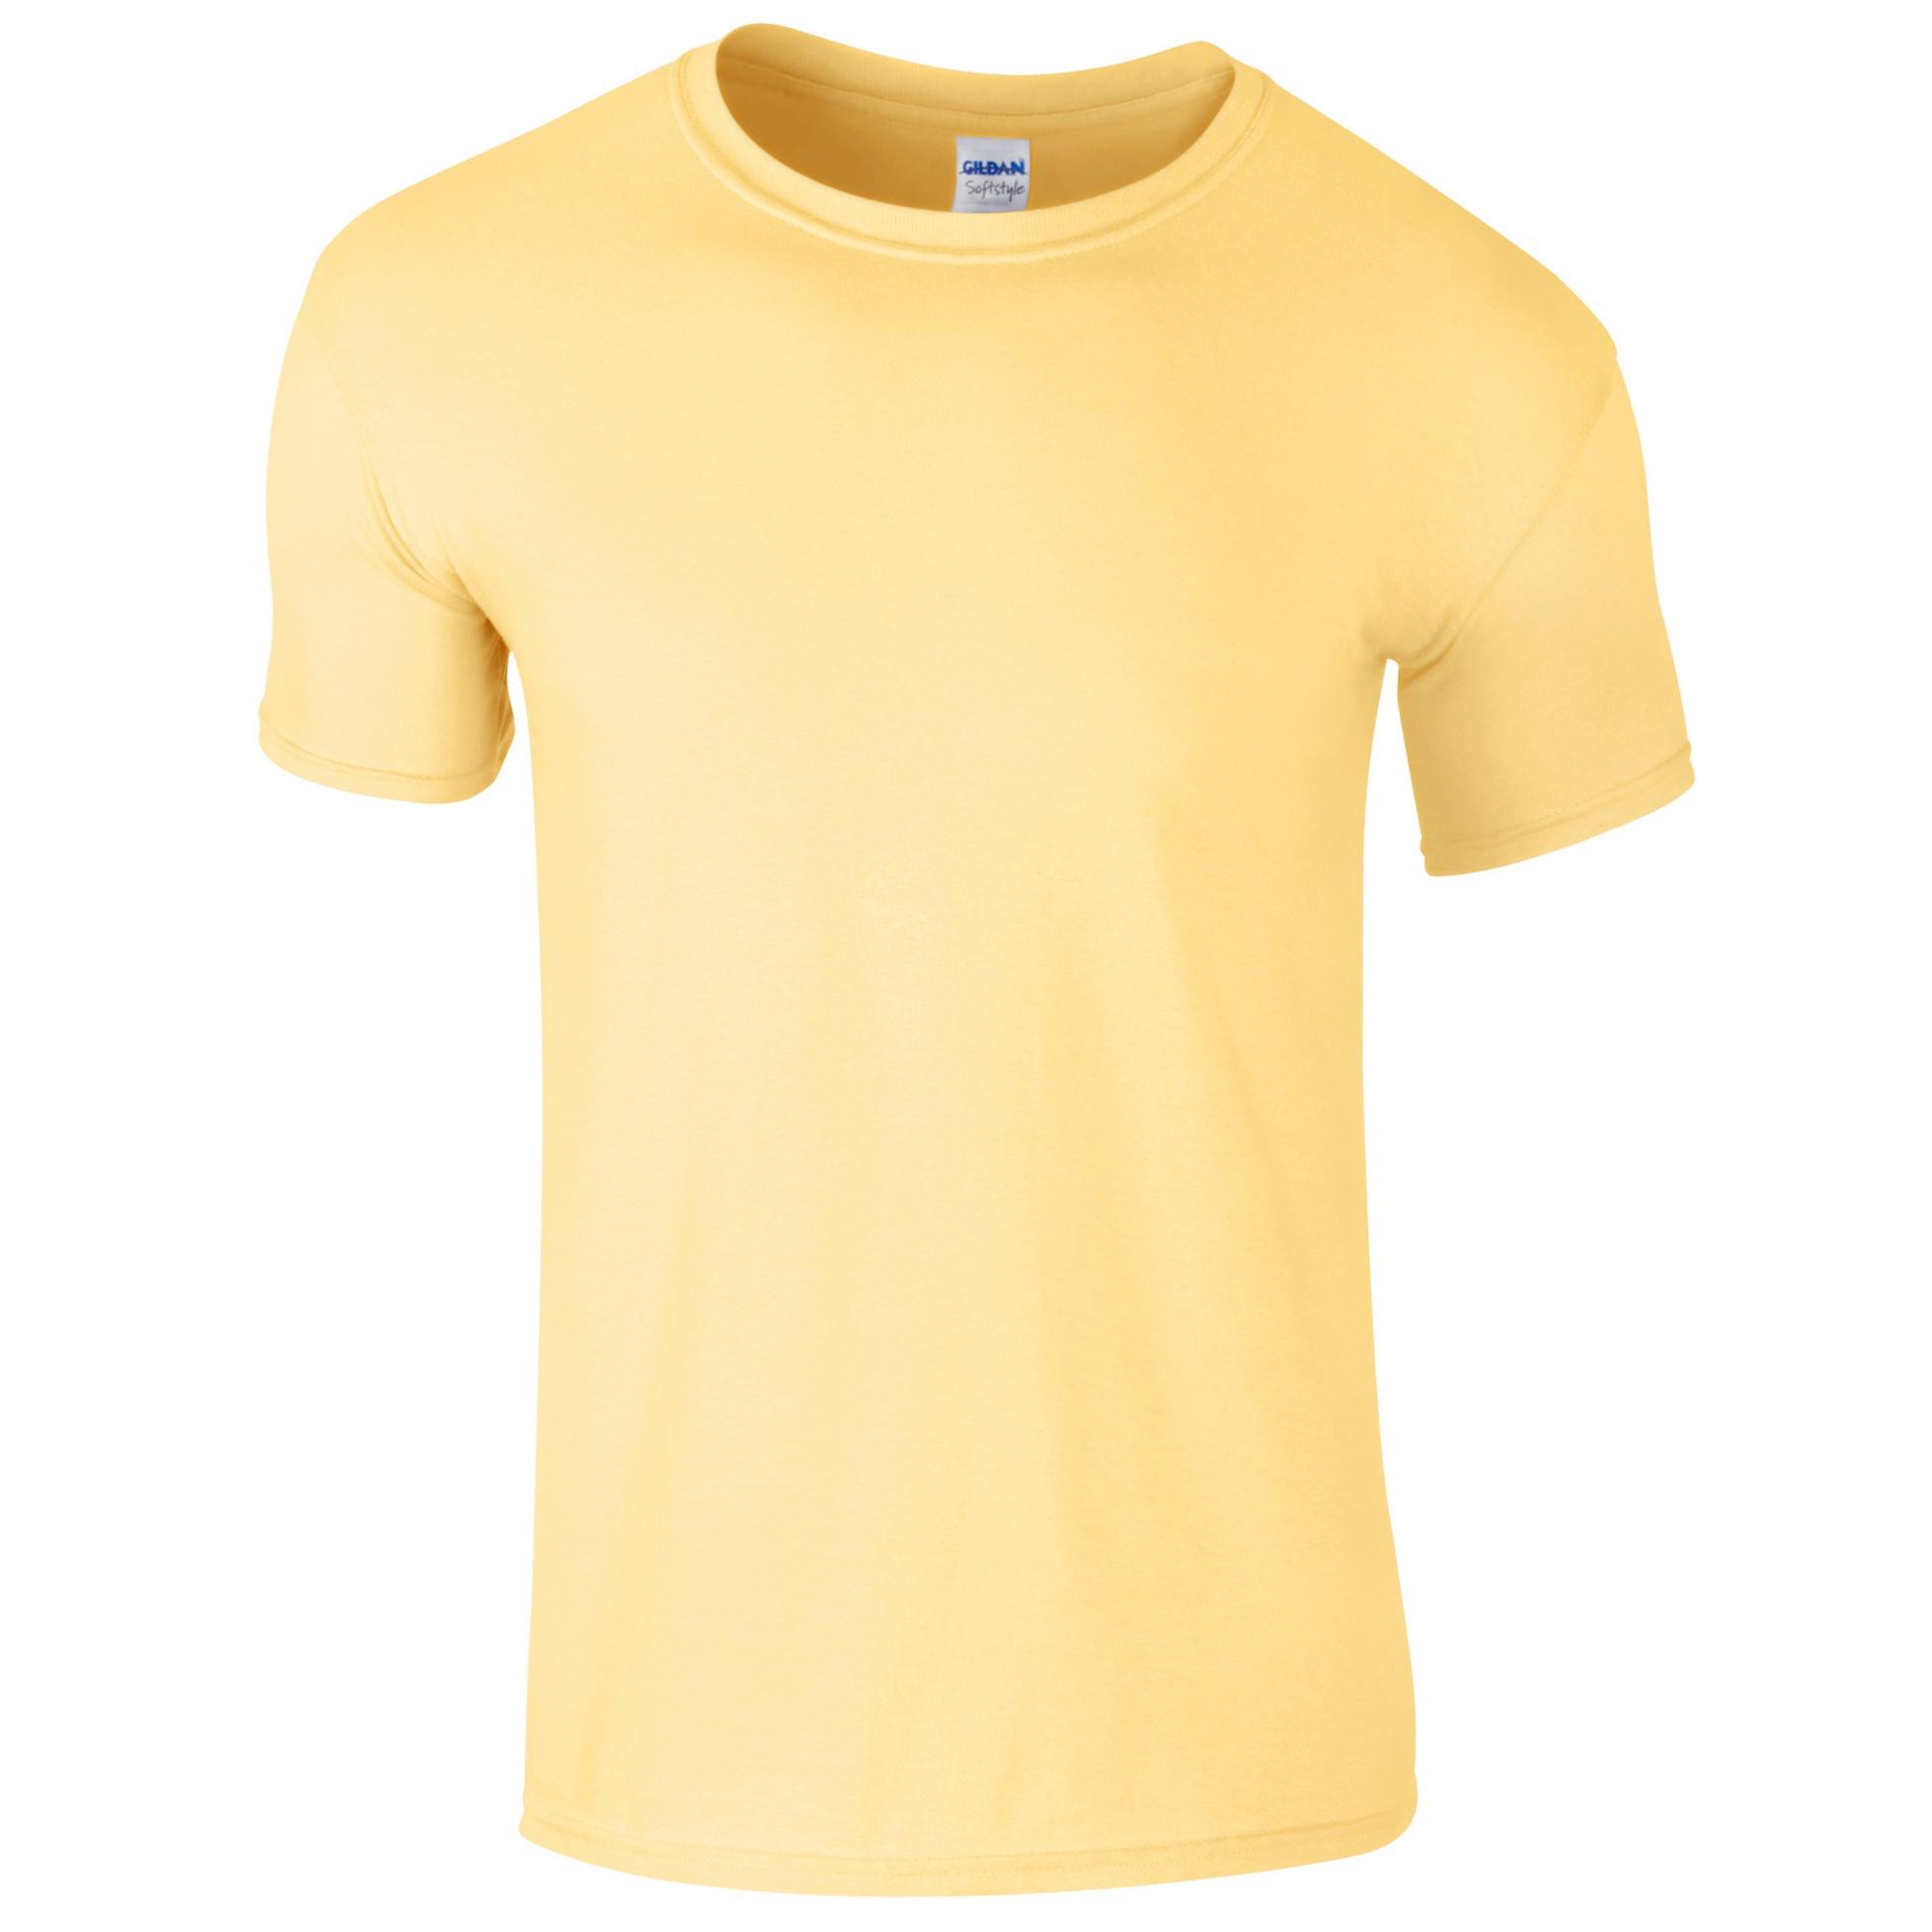 pravidla pro randění s mojí dcerou - tričko tričko gildan softstyle